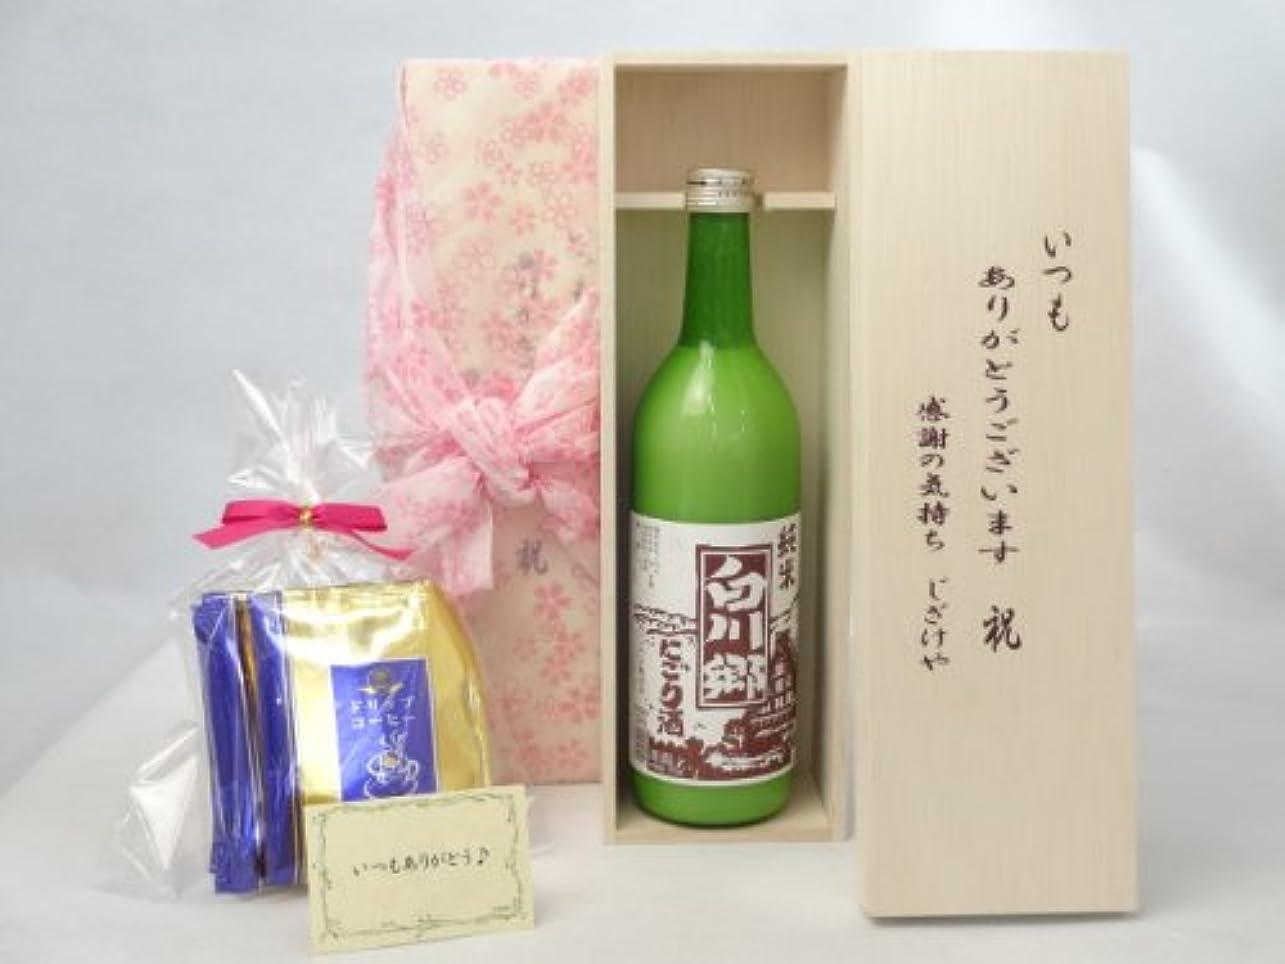 贈り物セット いつもありがとうございます感謝の気持ち木箱セット 日本酒セット 挽き立て珈琲(ドリップパック5パック)( 三輪酒造 白川郷 純米 にごり 720ml (岐阜県)) メッセージカード付